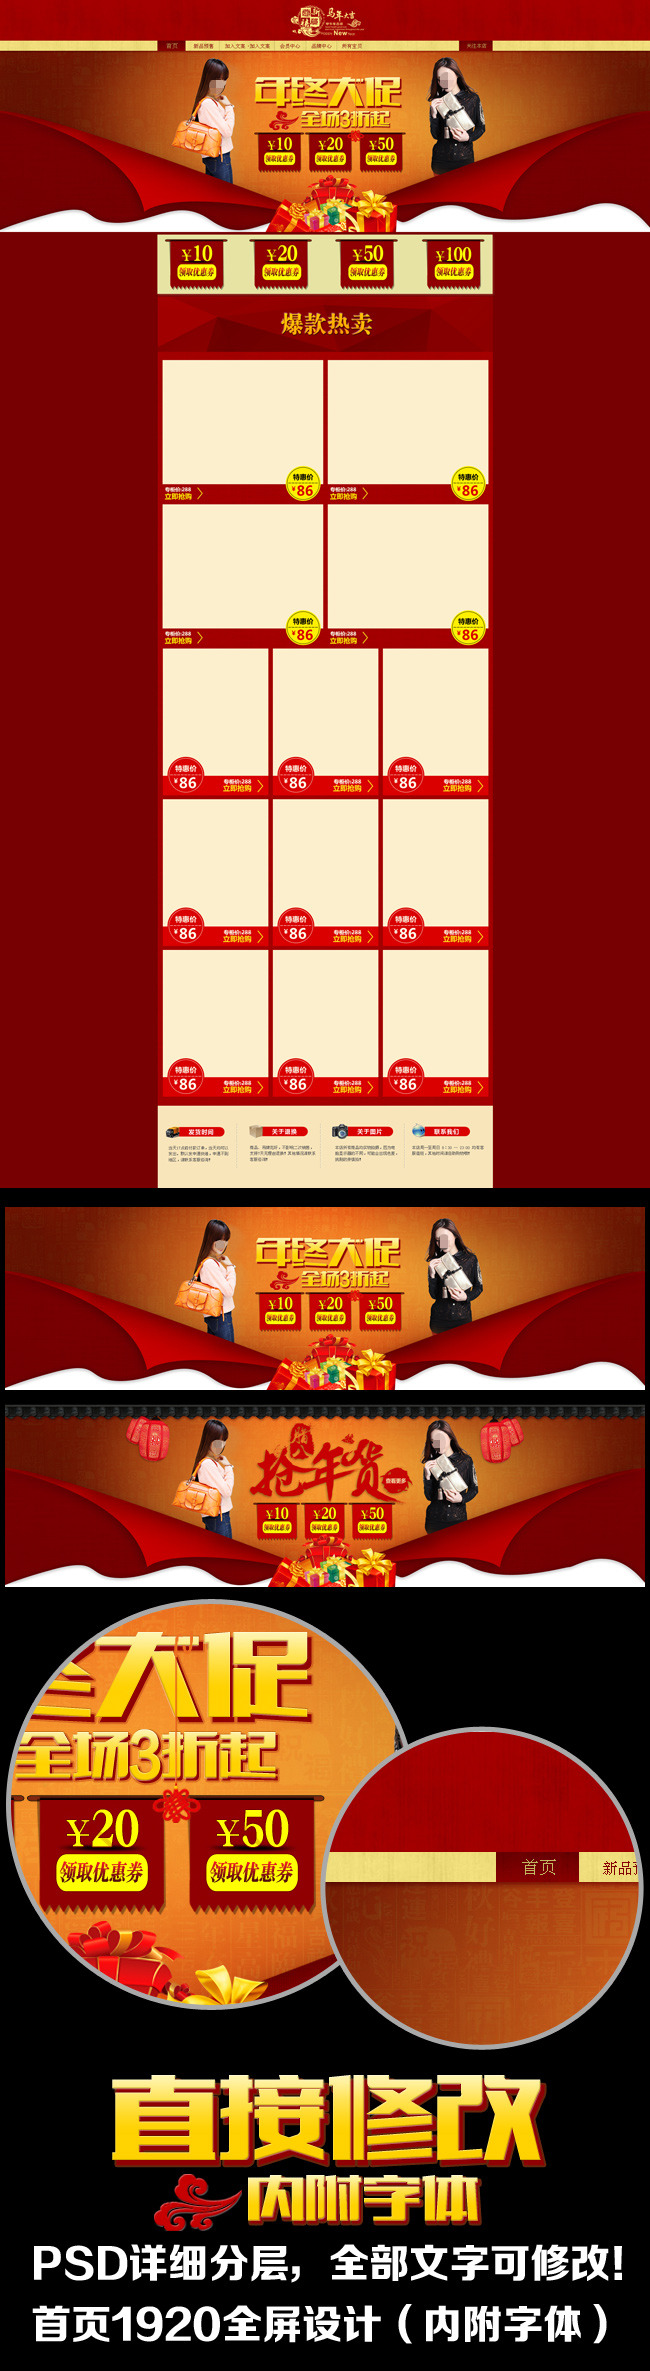 2014迎新大促年未促销淘宝天猫首页设计图片